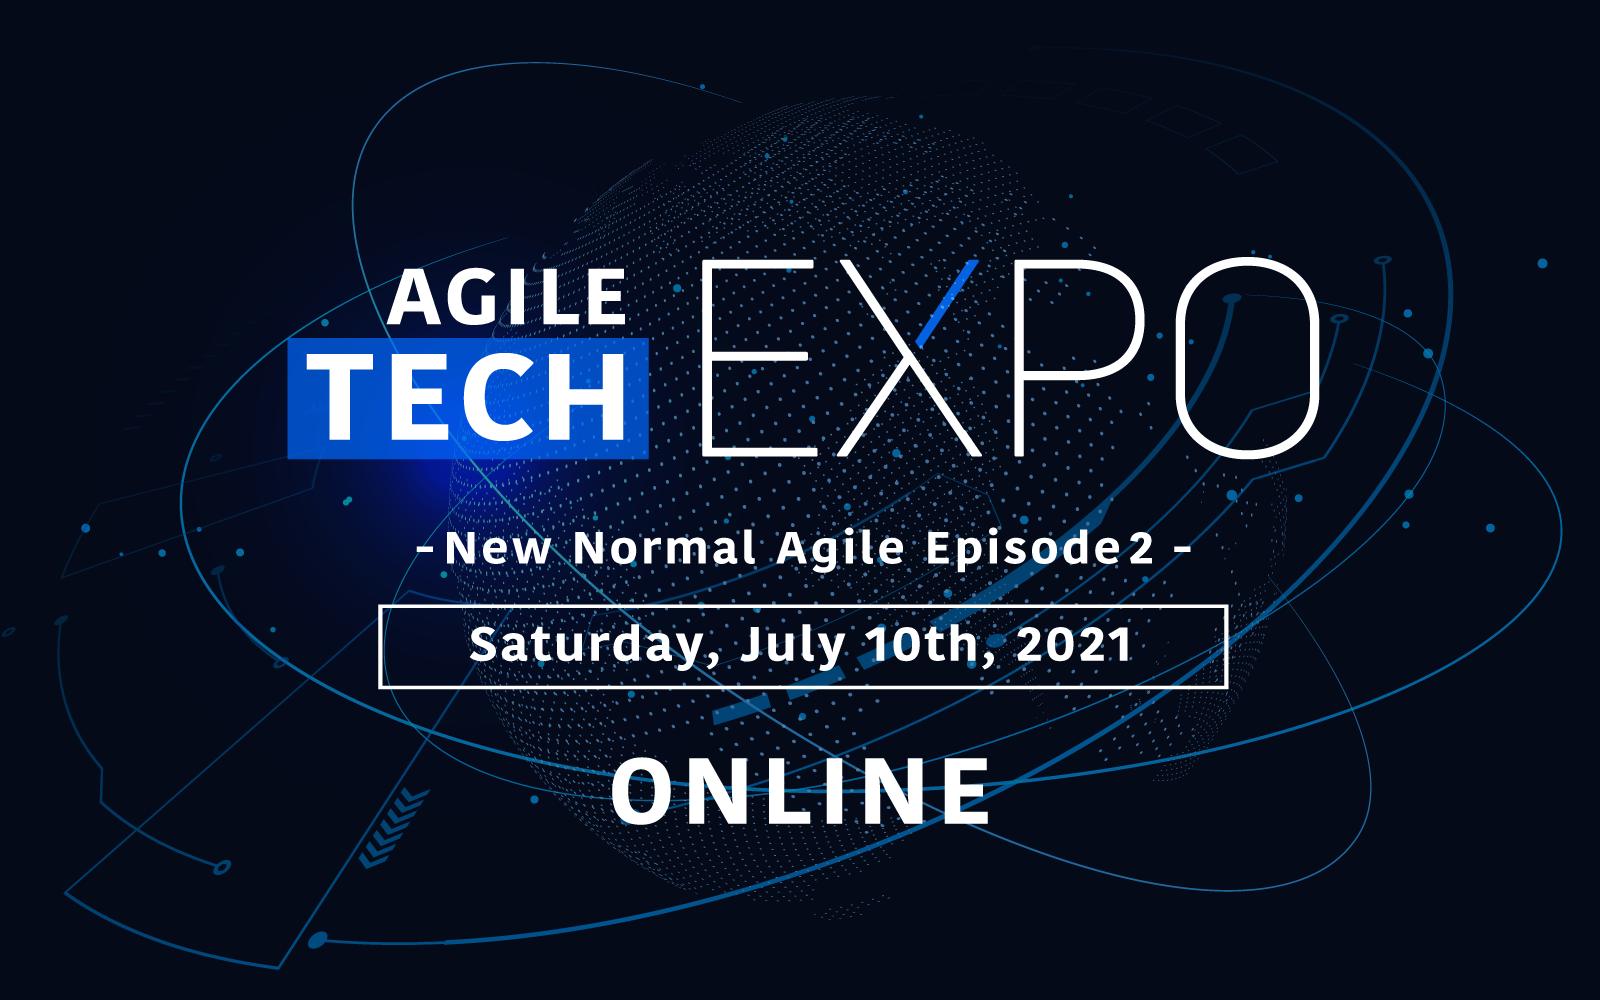 Agile Tech EXPO - New Normal Agile Episode 2 -